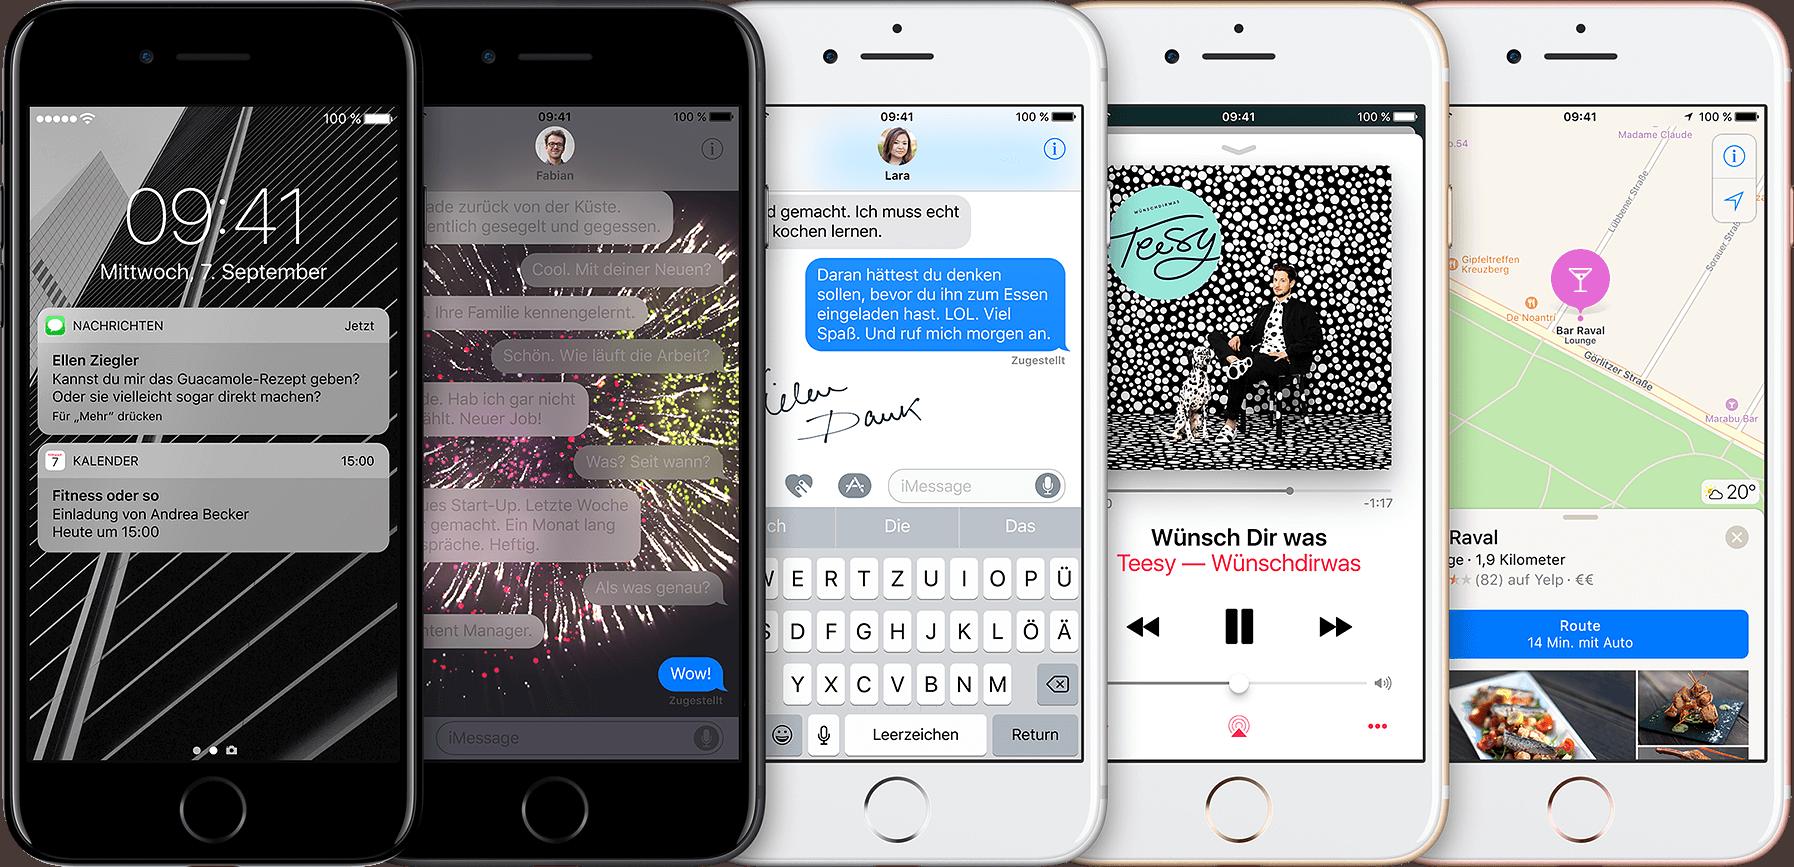 iOS 10. Darum gibt es nichts wie ein iPhone.